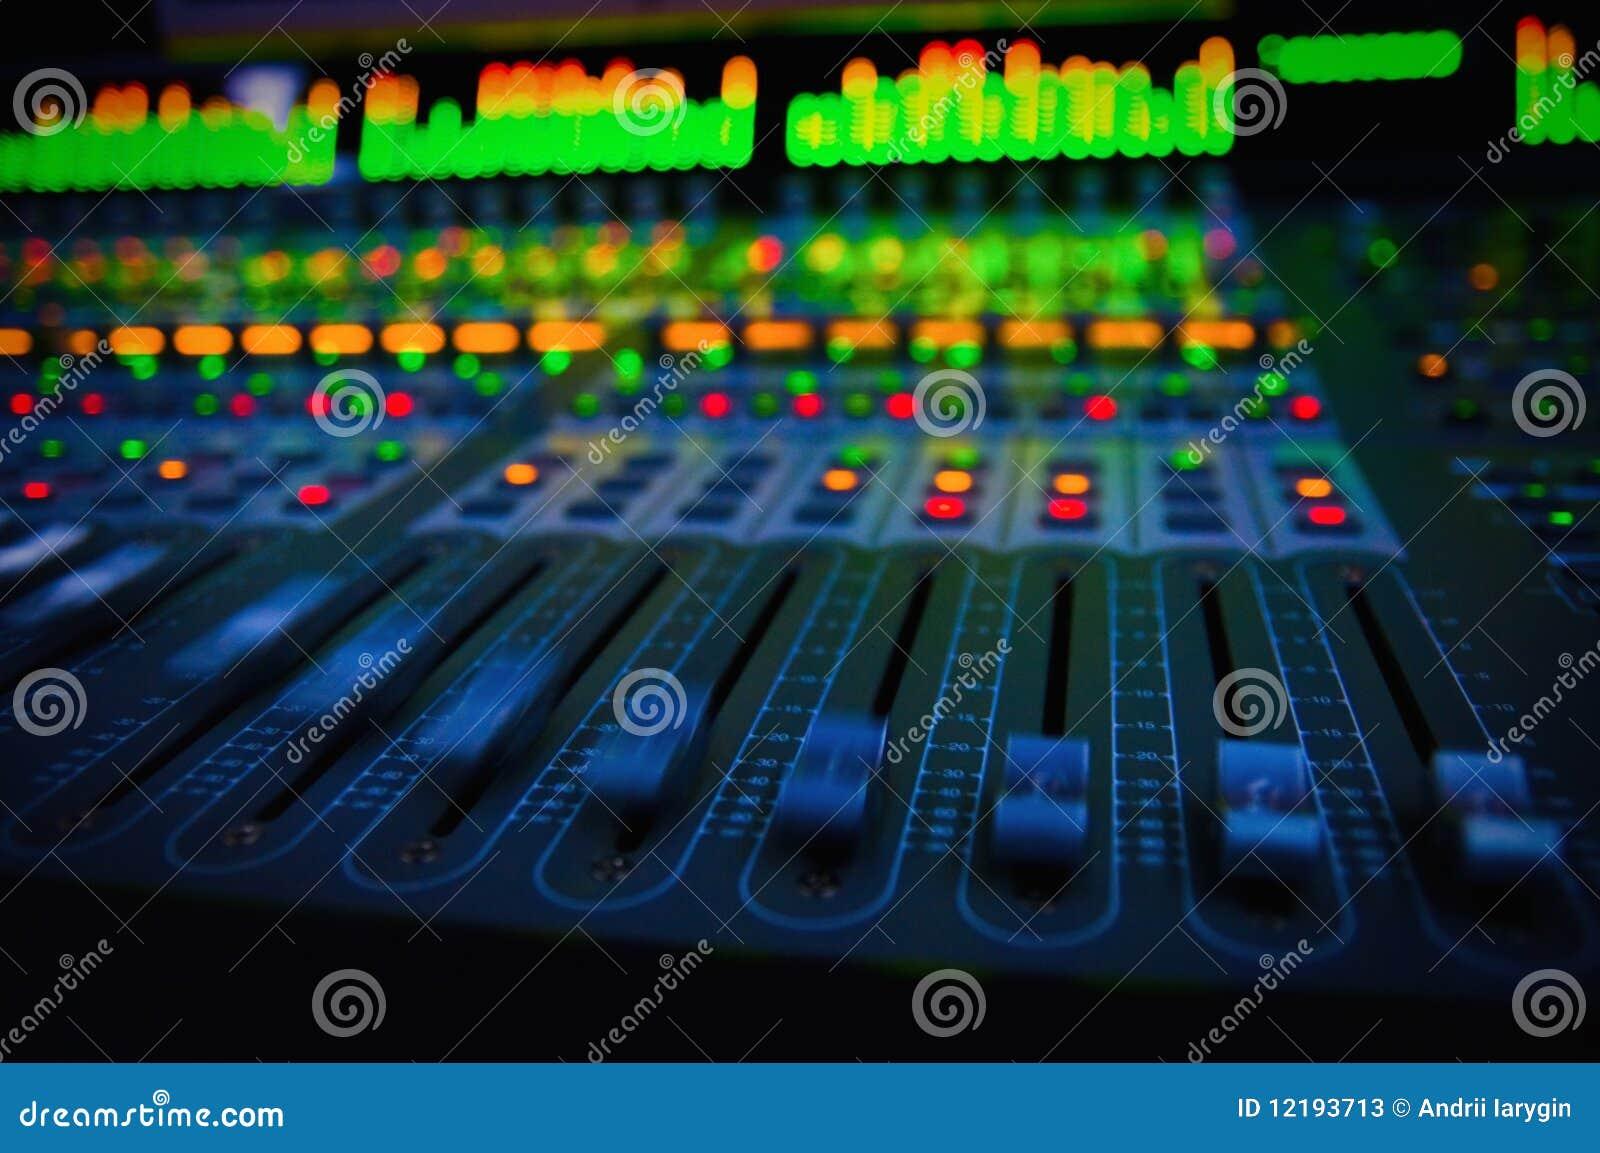 Ljudsignal konsolblandning